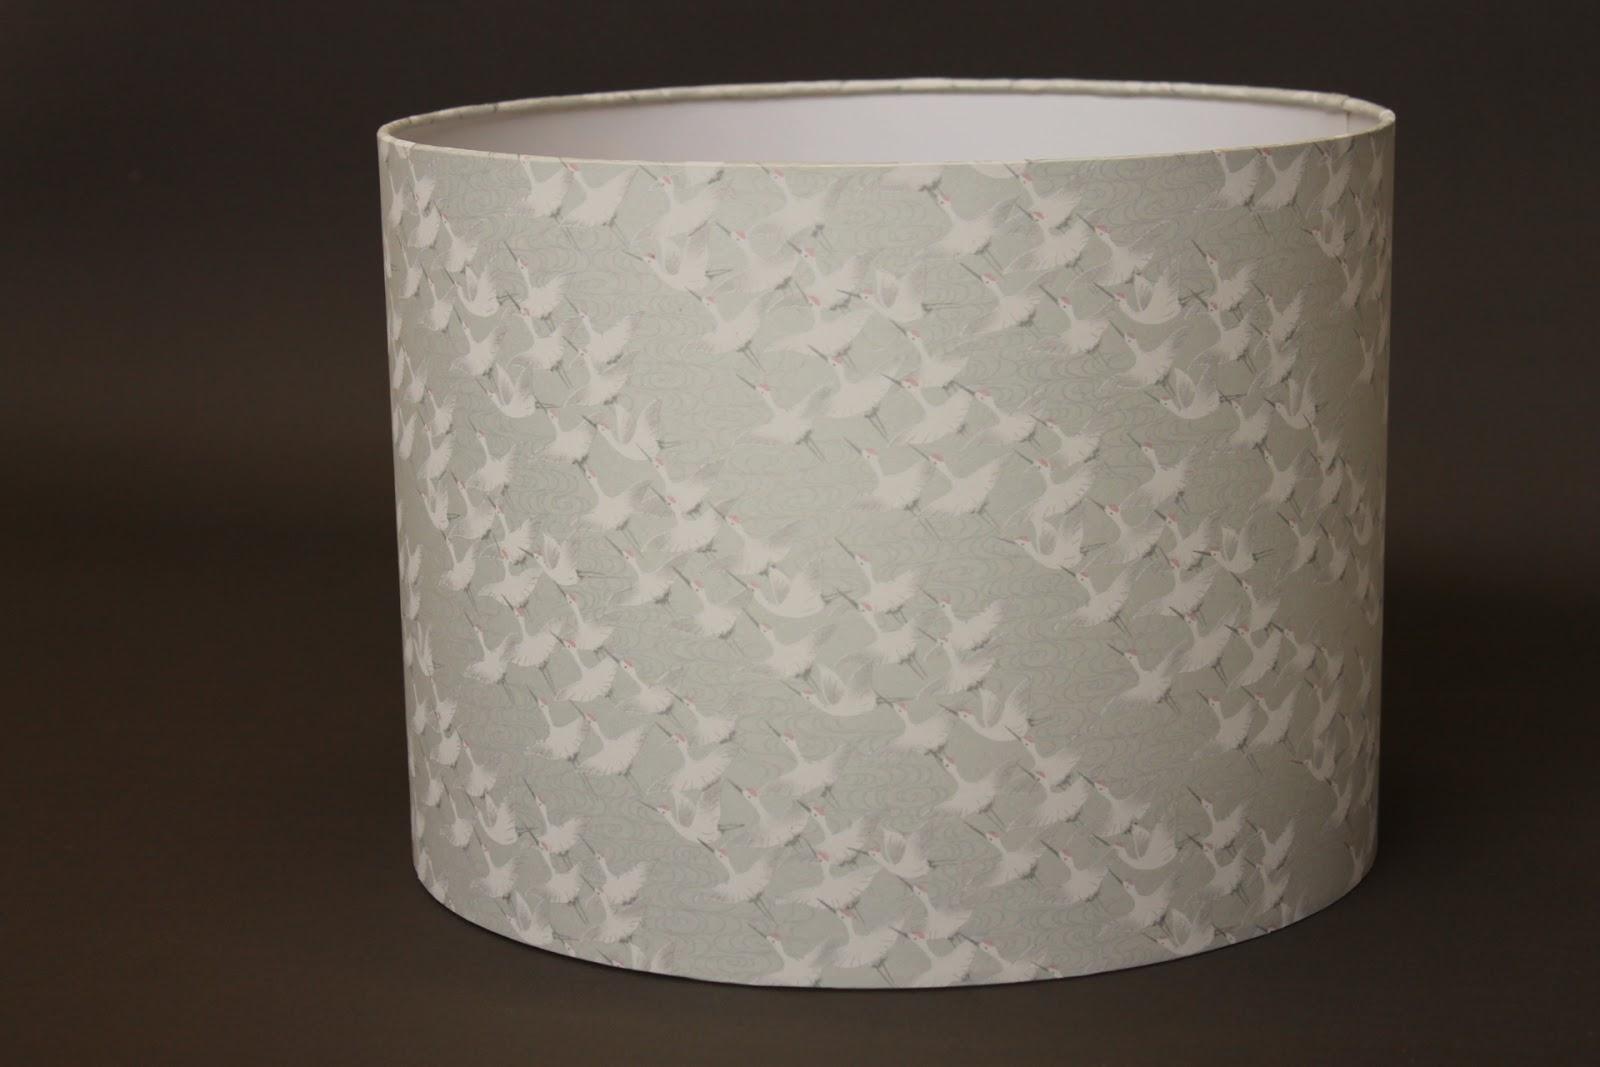 accessoires textiles papiers japonais. Black Bedroom Furniture Sets. Home Design Ideas